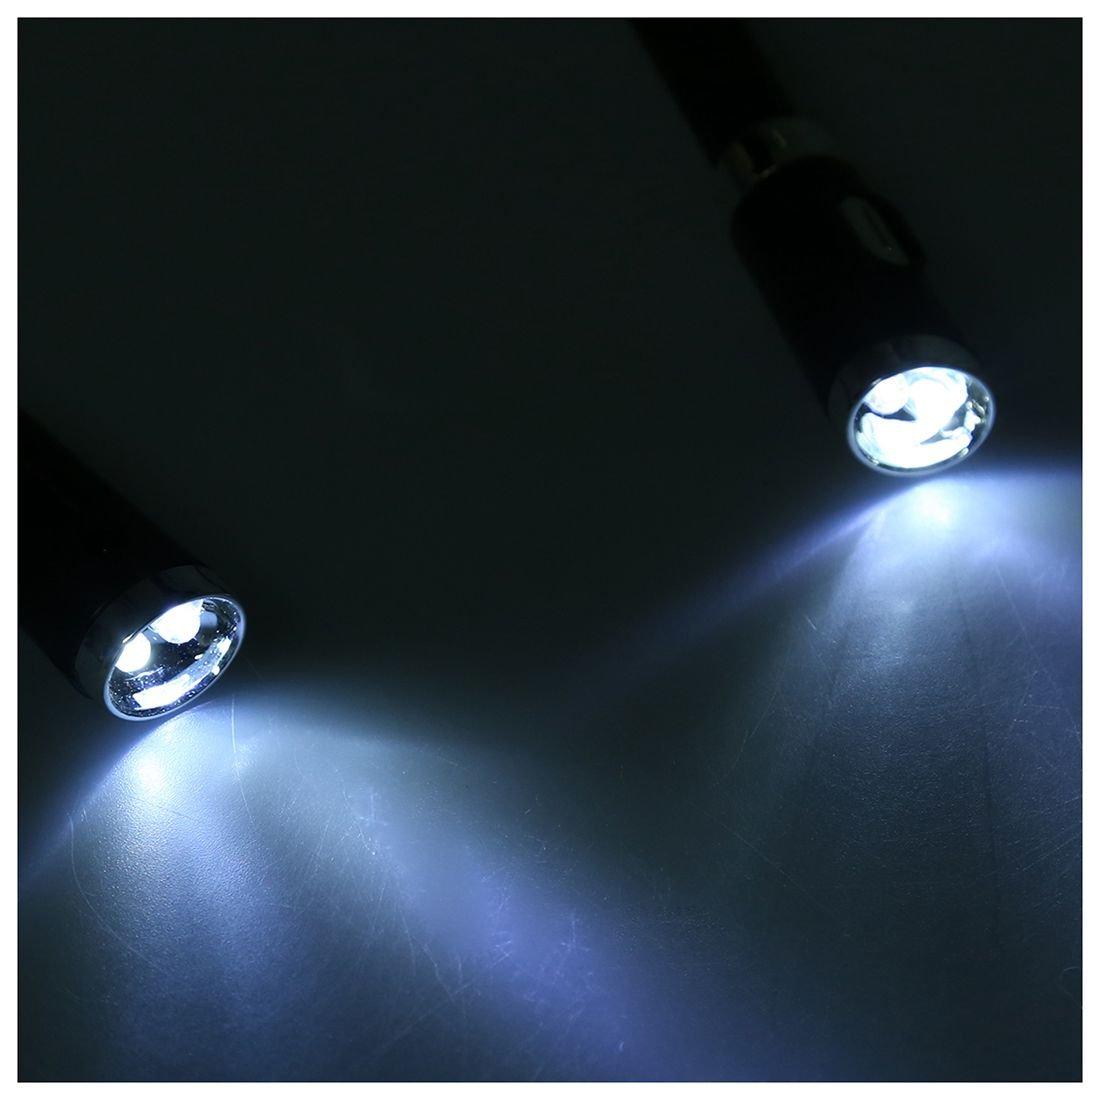 Rosa 4 Modos WOVELOT LED Luz de Cuello Luz de lectura de Libro Luz Huglight